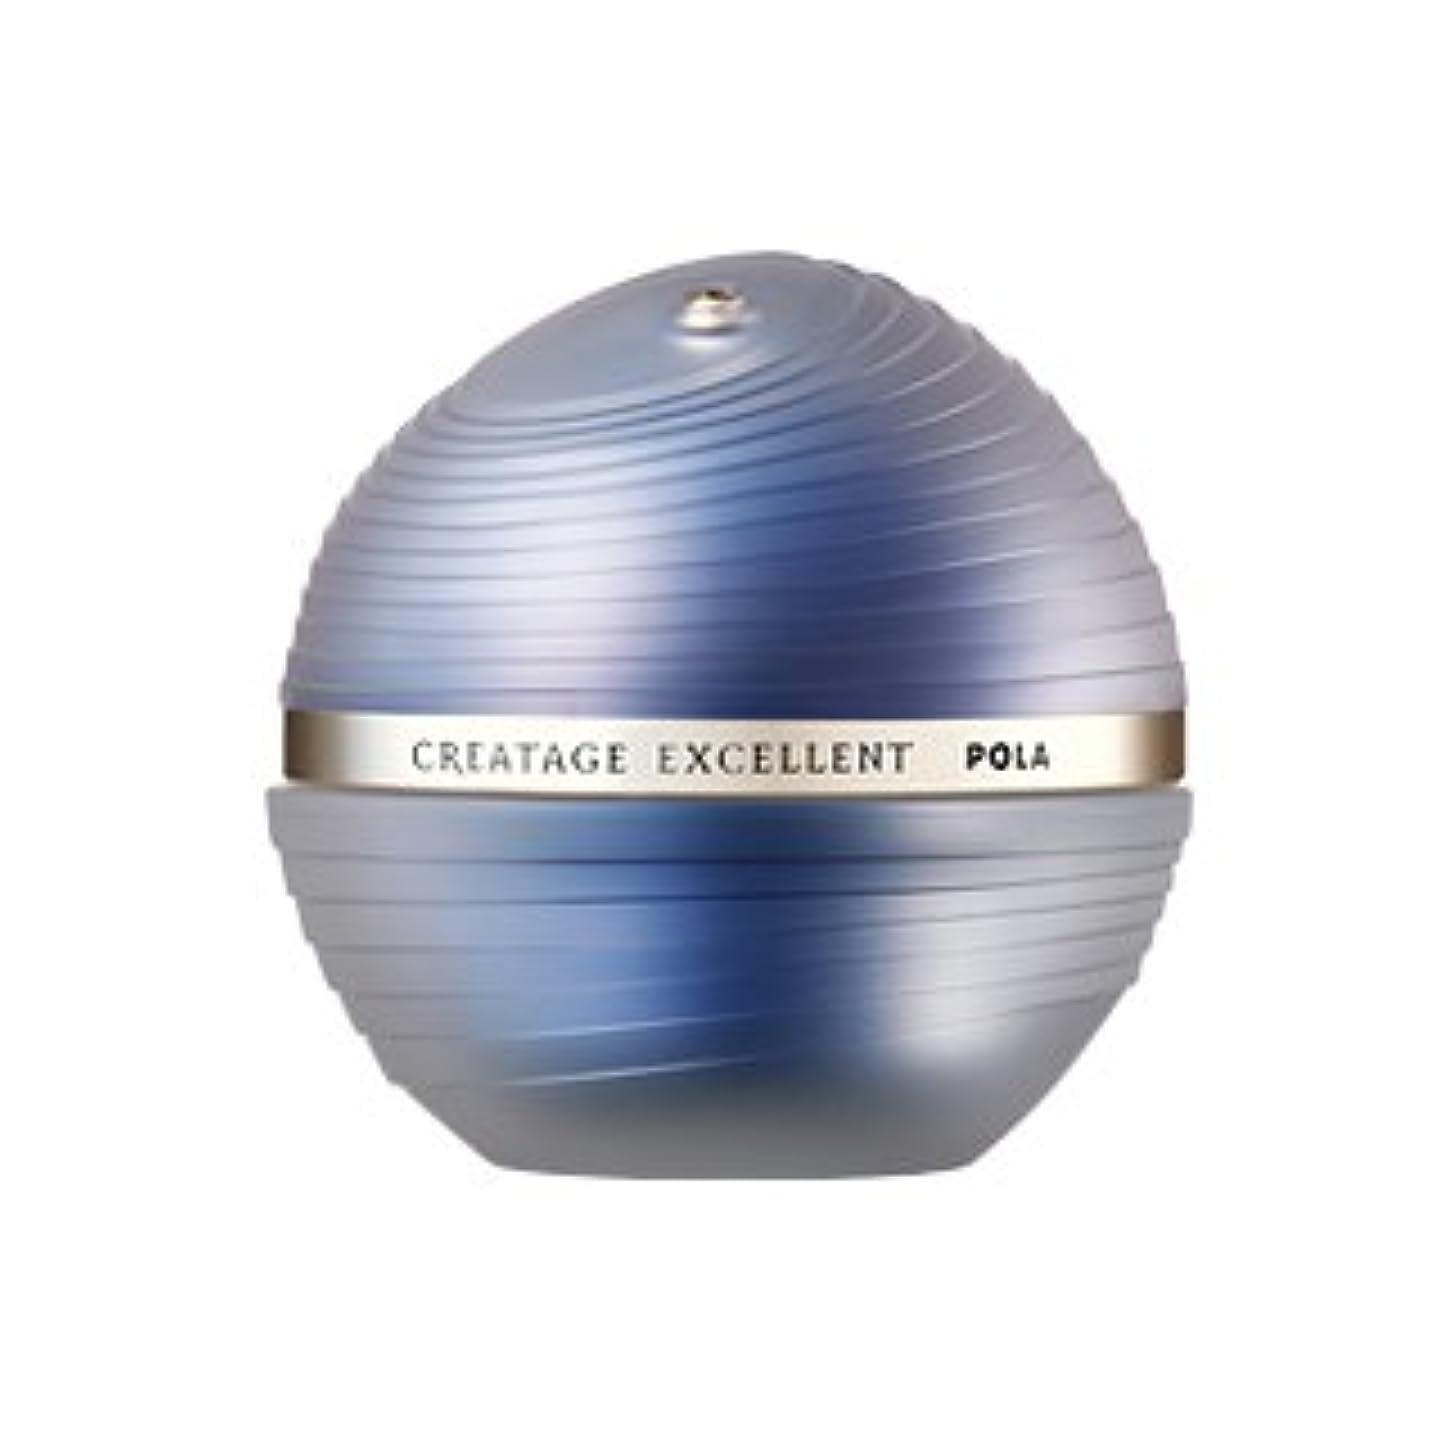 ガラス動かす望むPOLA/ポーラ クレアテージ エクセレント (保湿クリーム)40g